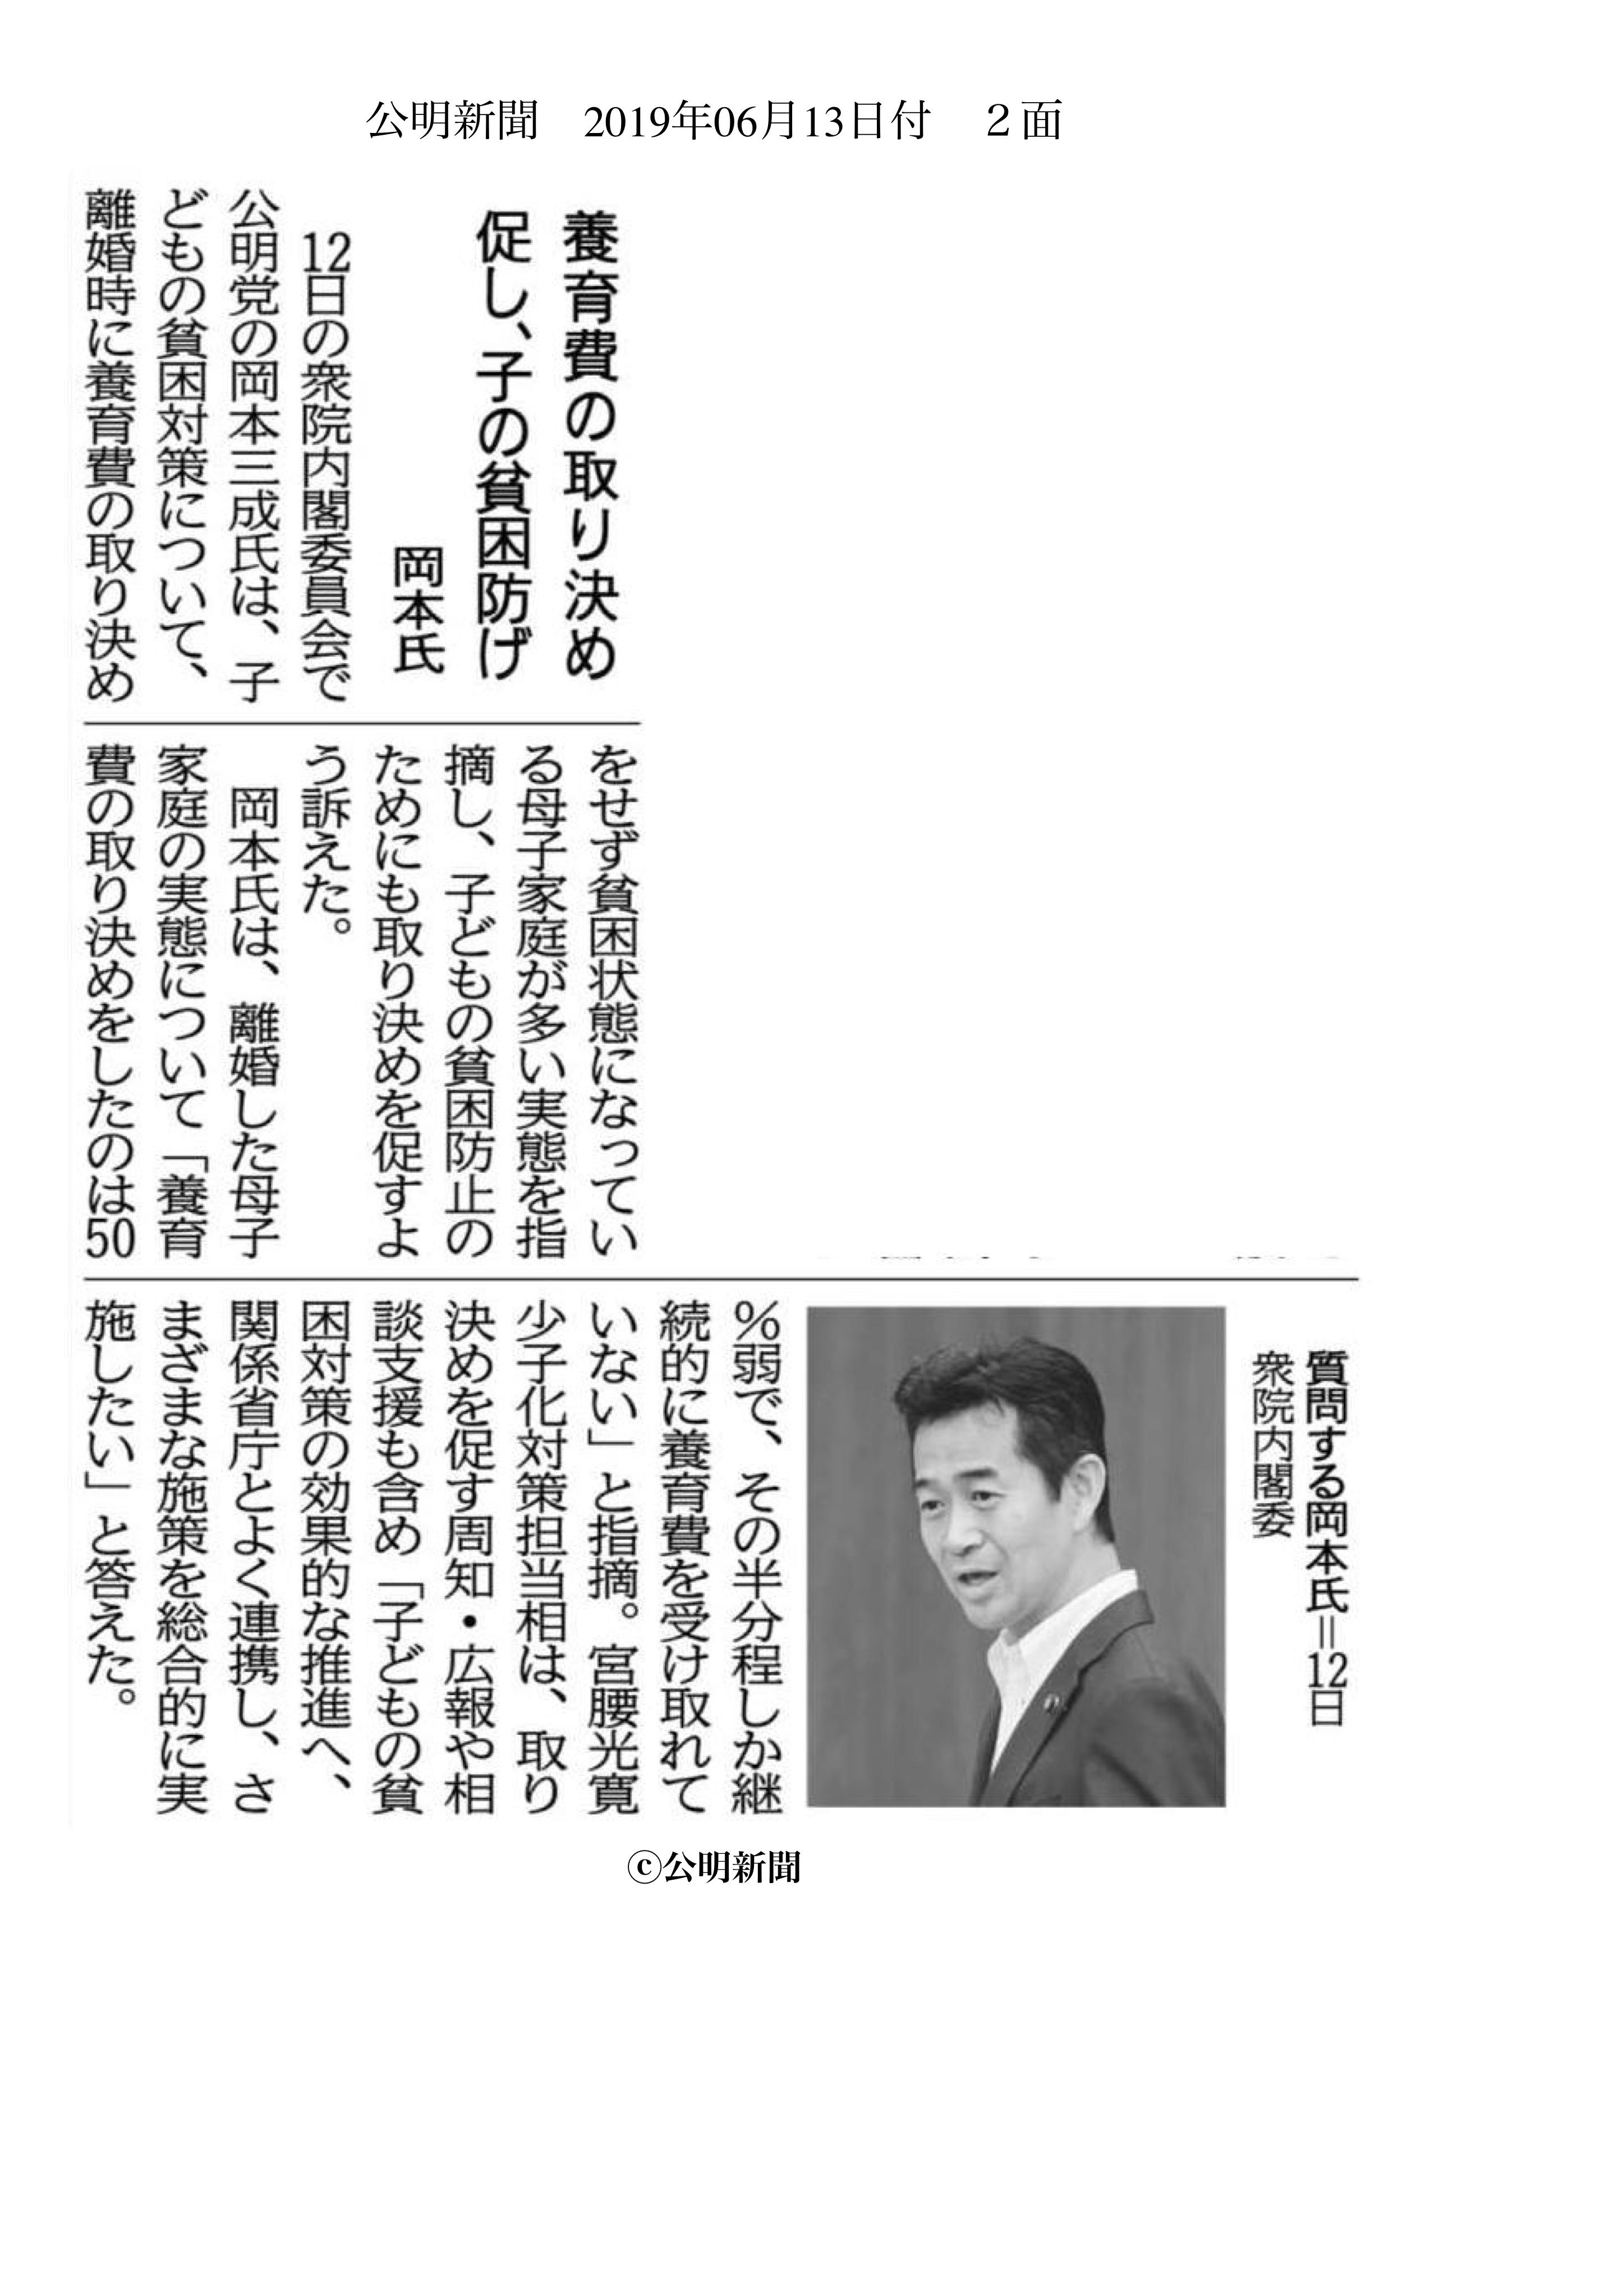 20190612_内閣委員会